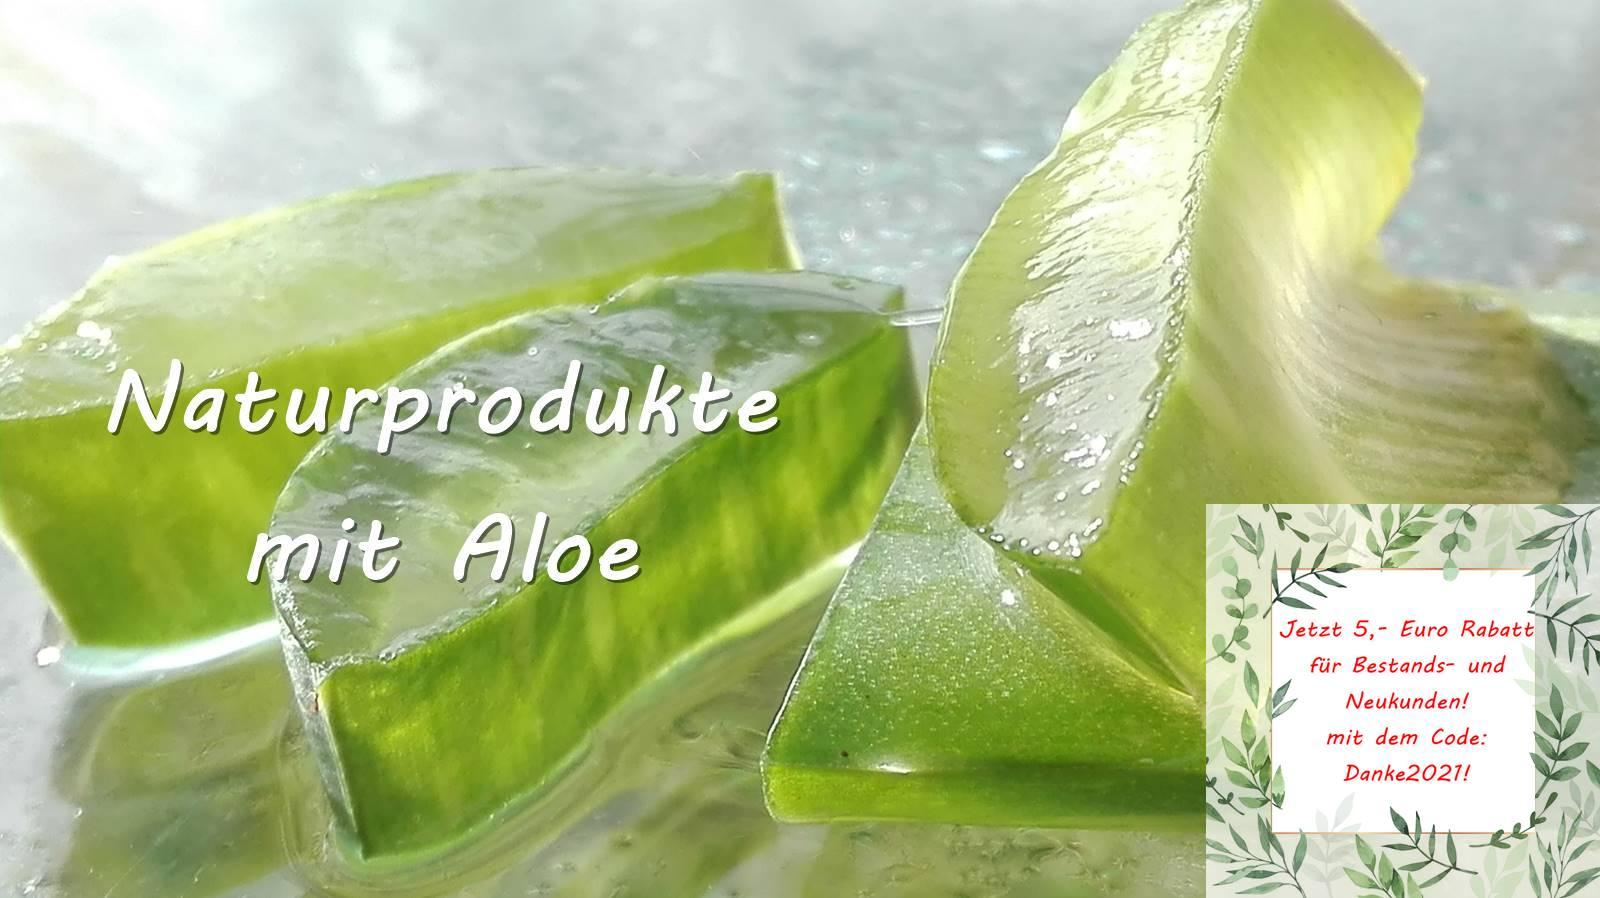 Jetzt 5 Euro Rabatt sichern auf Ihre Bestellung bei Aloeveraland.at